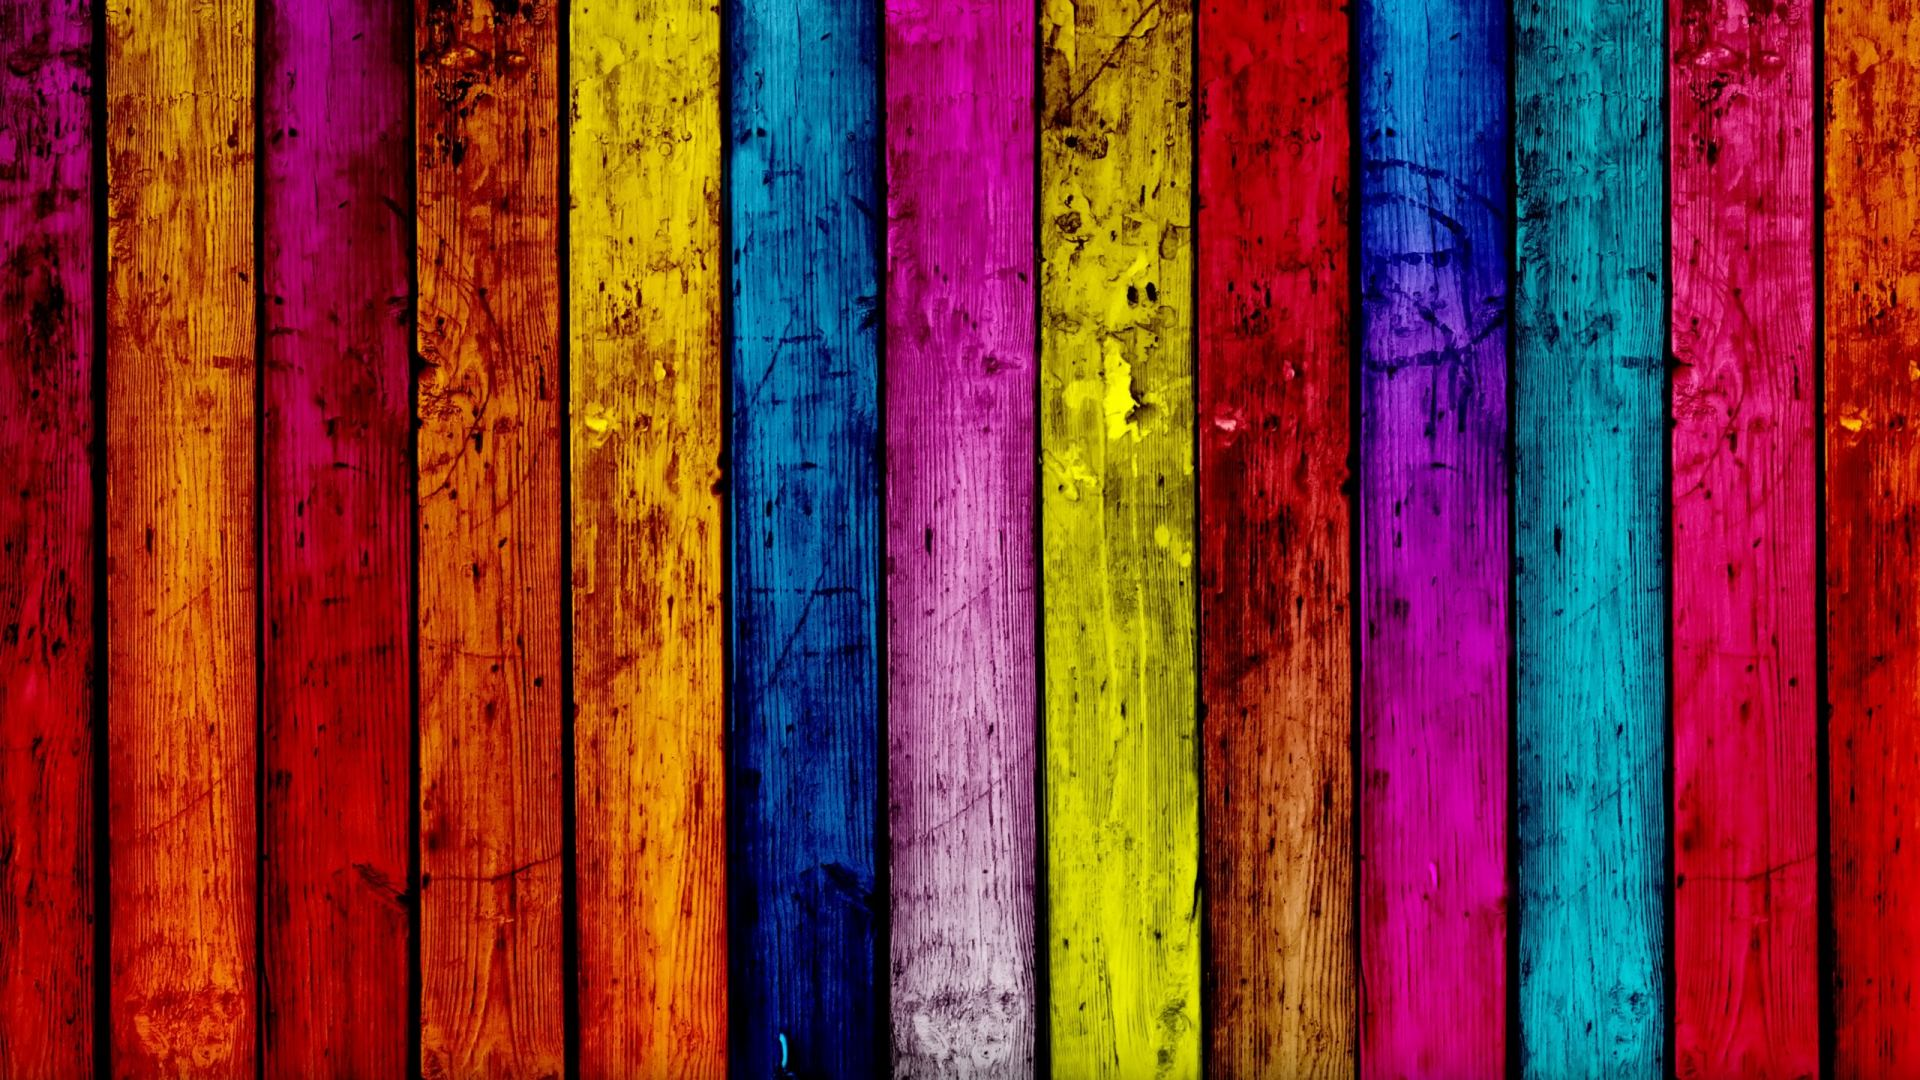 красивые разноцветные картинки на обложку телефона